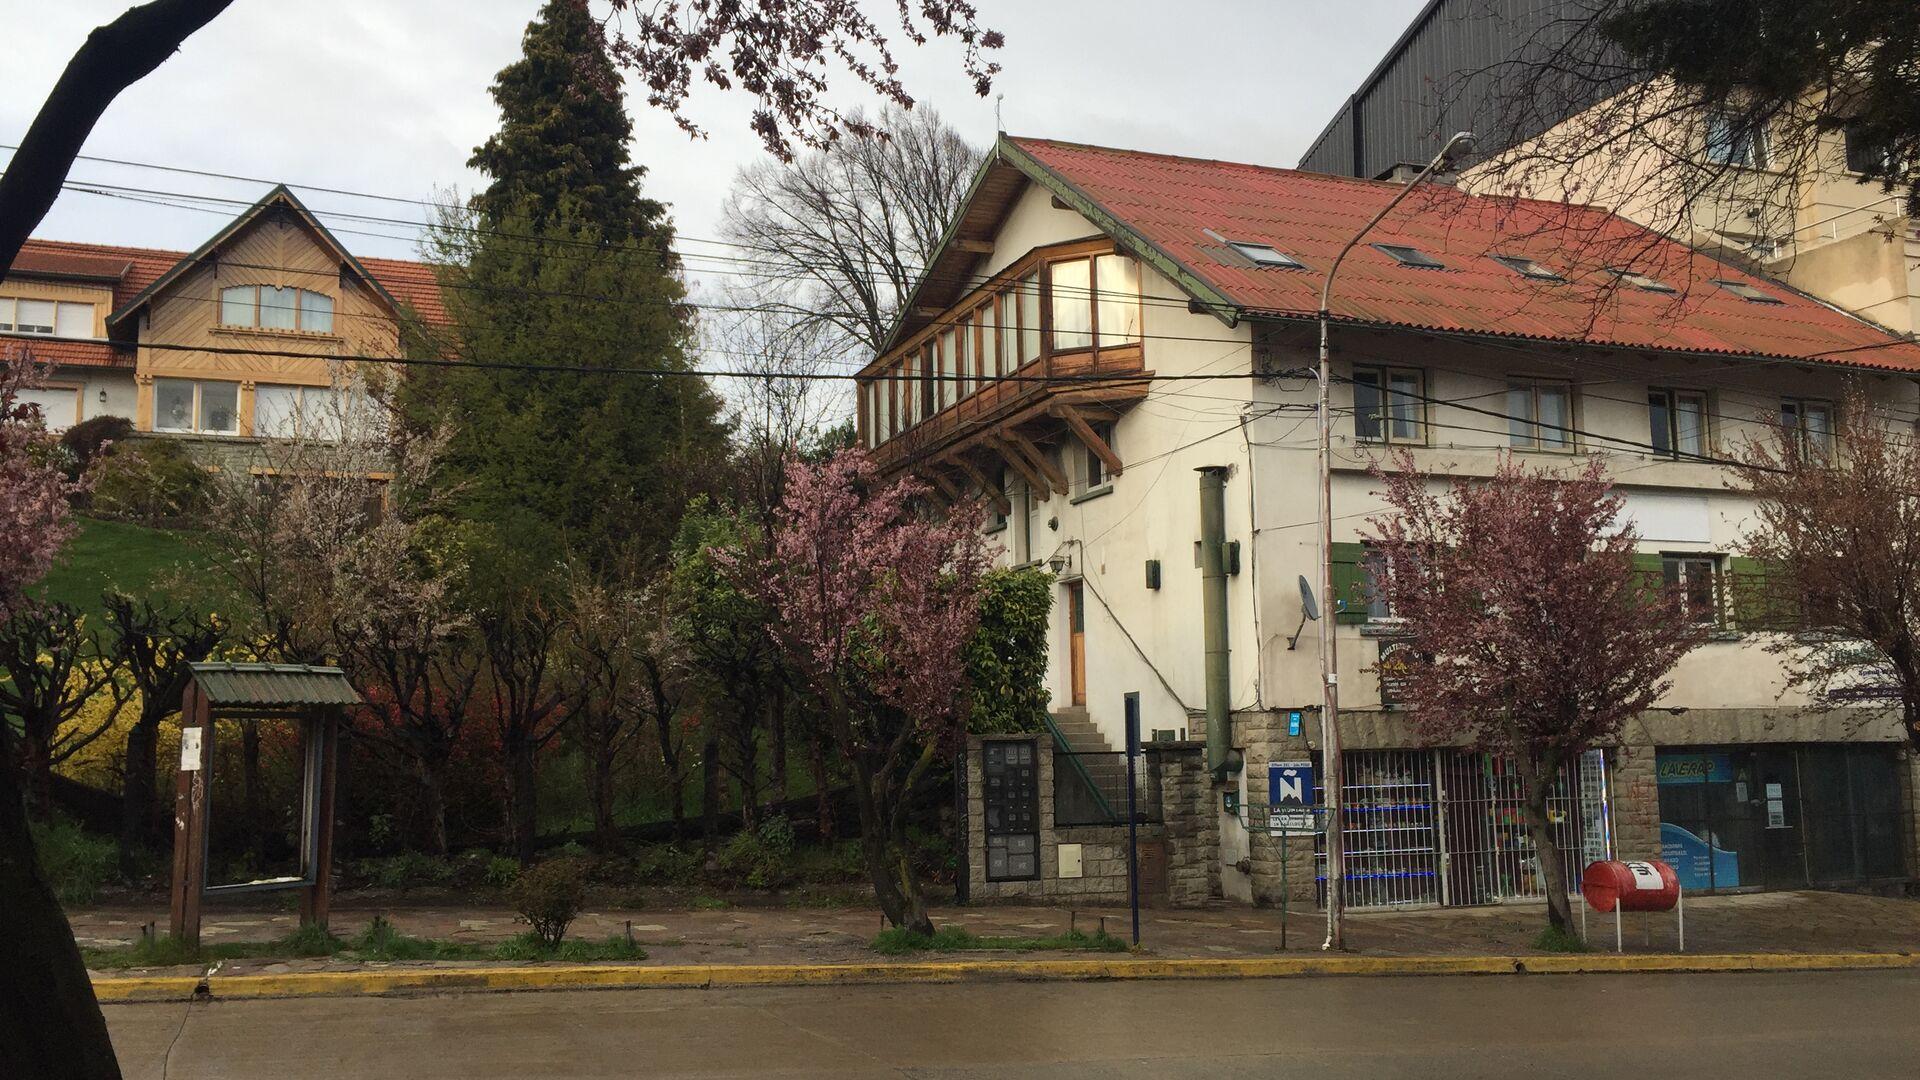 Séjour linguistique Argentine, Bariloche - La Montaña Spanish School Bariloche - École